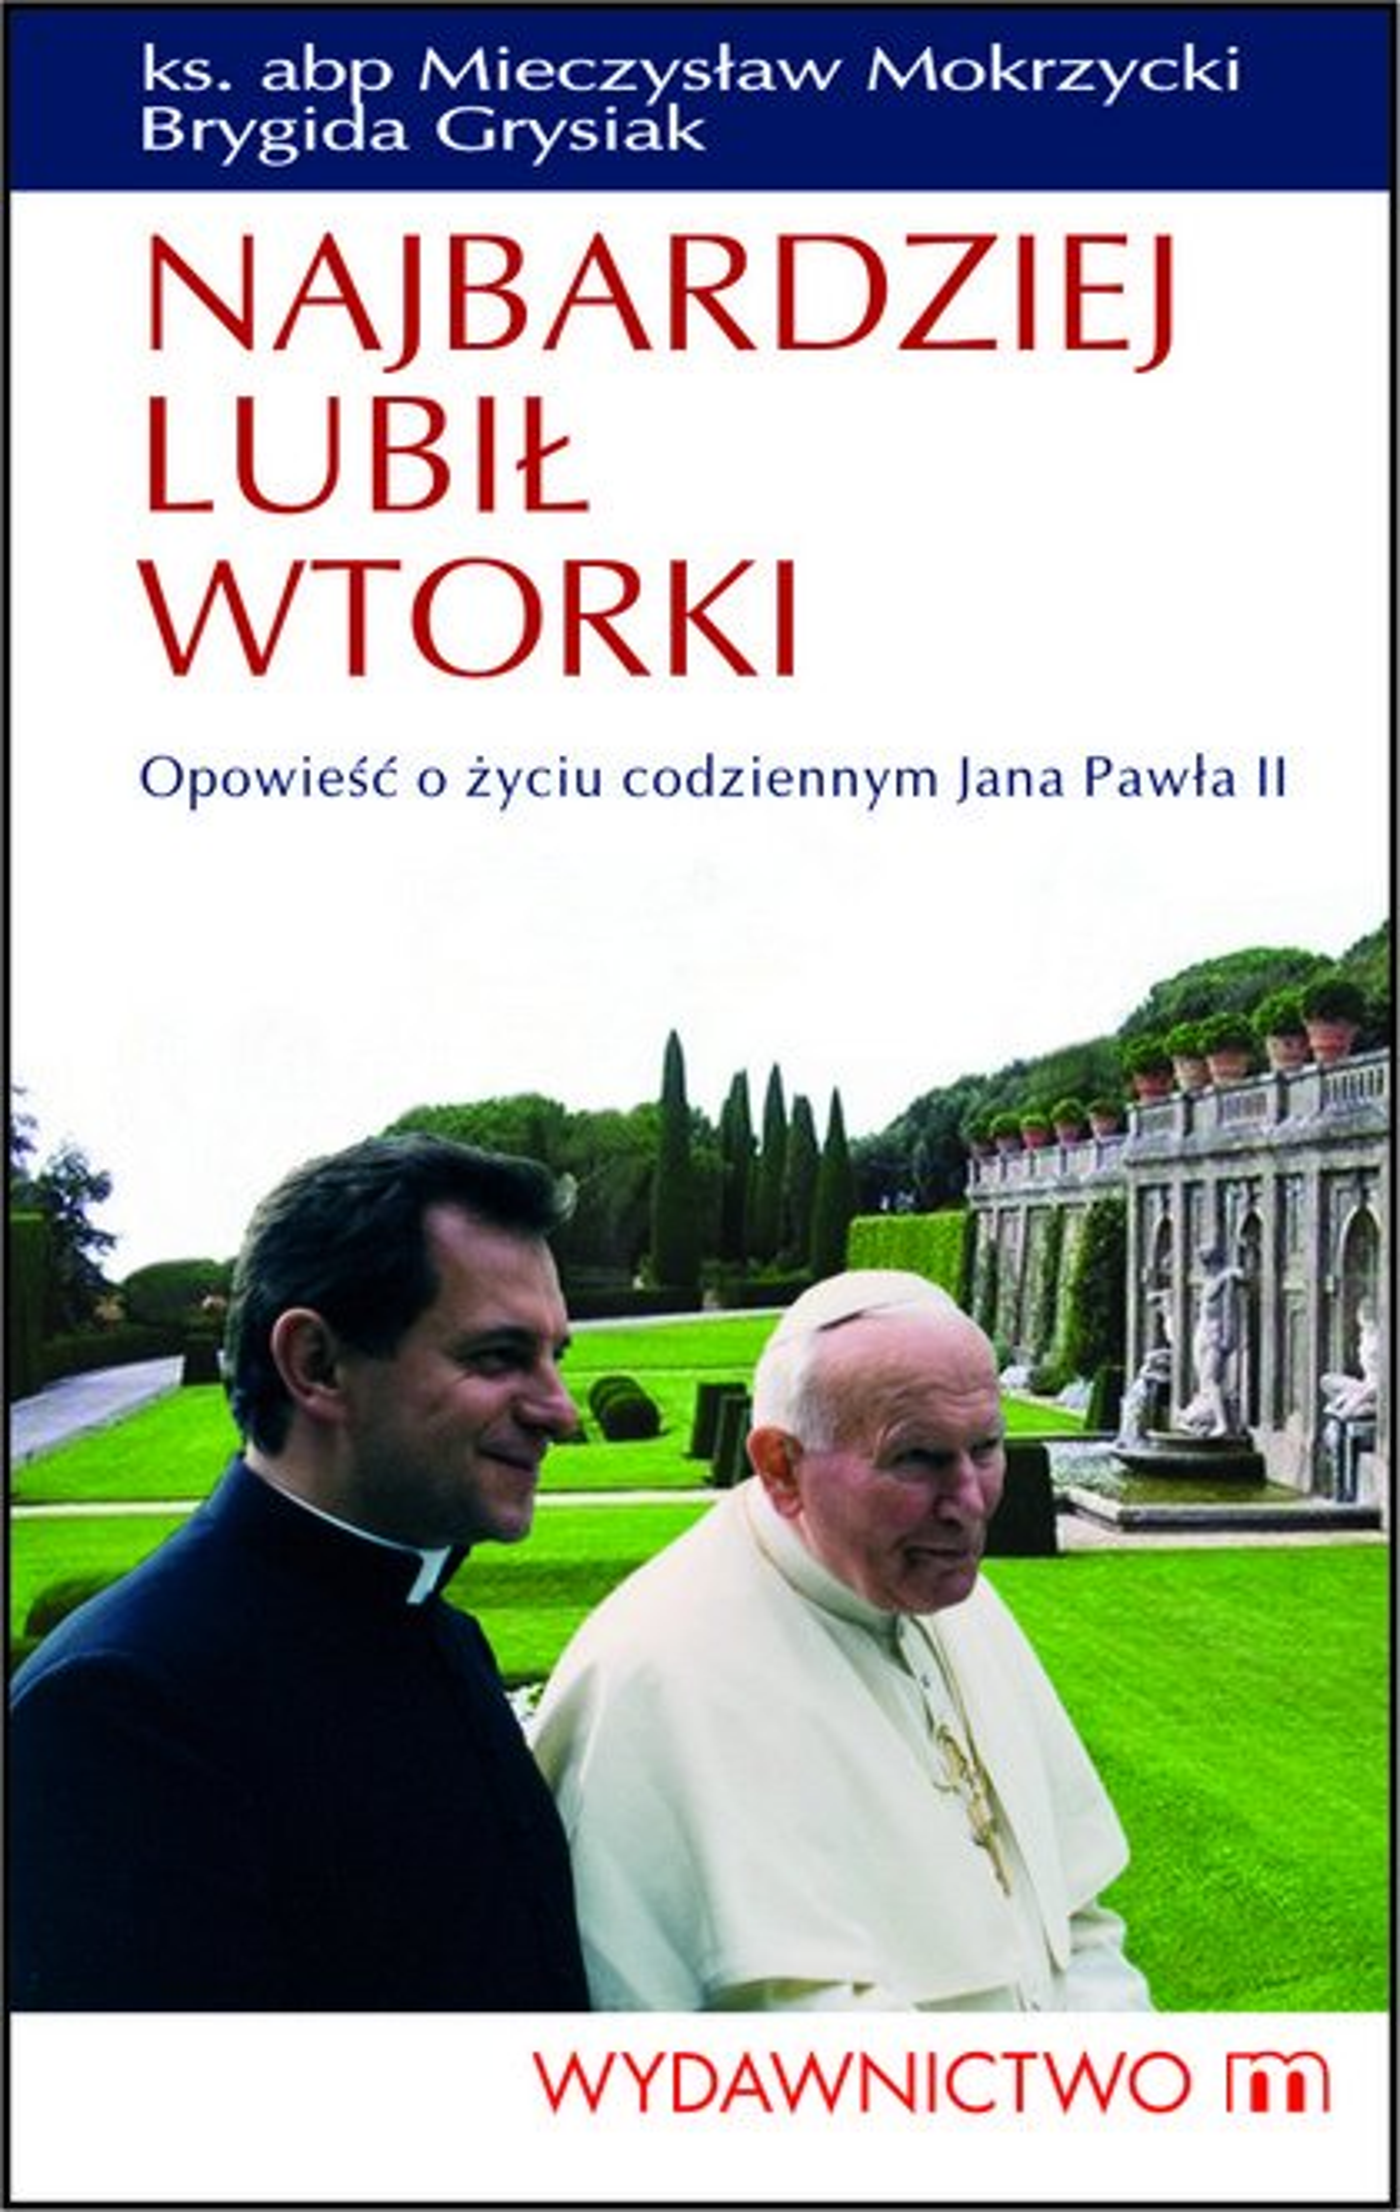 Najbardziej lubił wtorki. Opowieść o życiu codziennym Jana Pawła II - Ebook (Książka EPUB) do pobrania w formacie EPUB